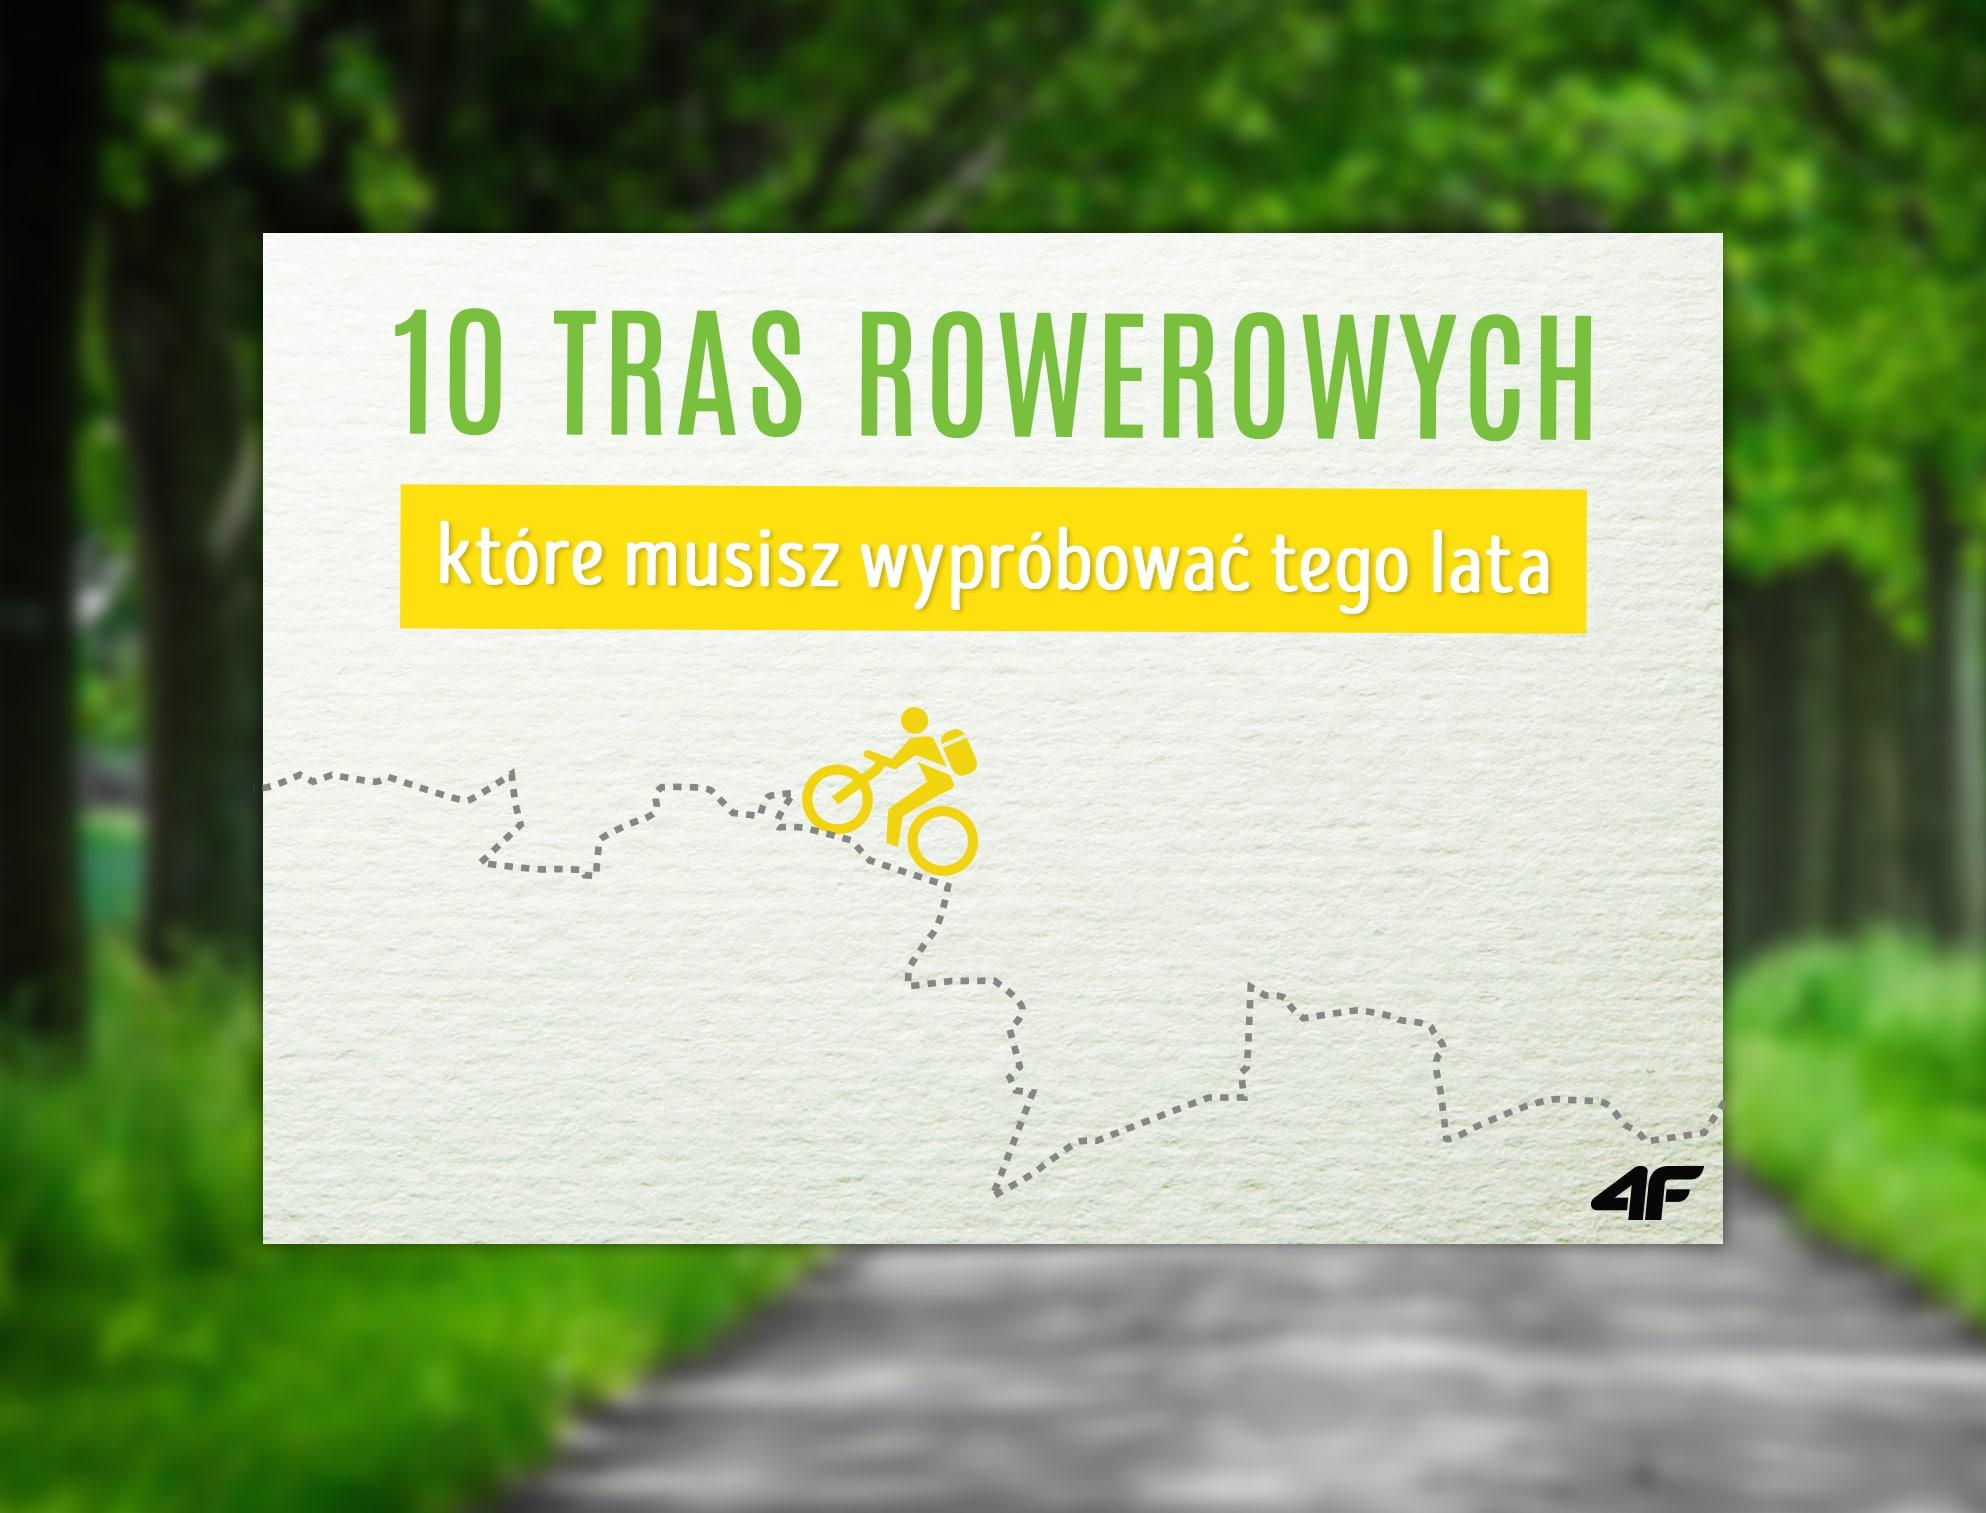 TOP 10 TRAS ROWEROWYCH W POLSCE, KTÓRE MUSISZ WYPRÓBOWAĆ TEGO LATA